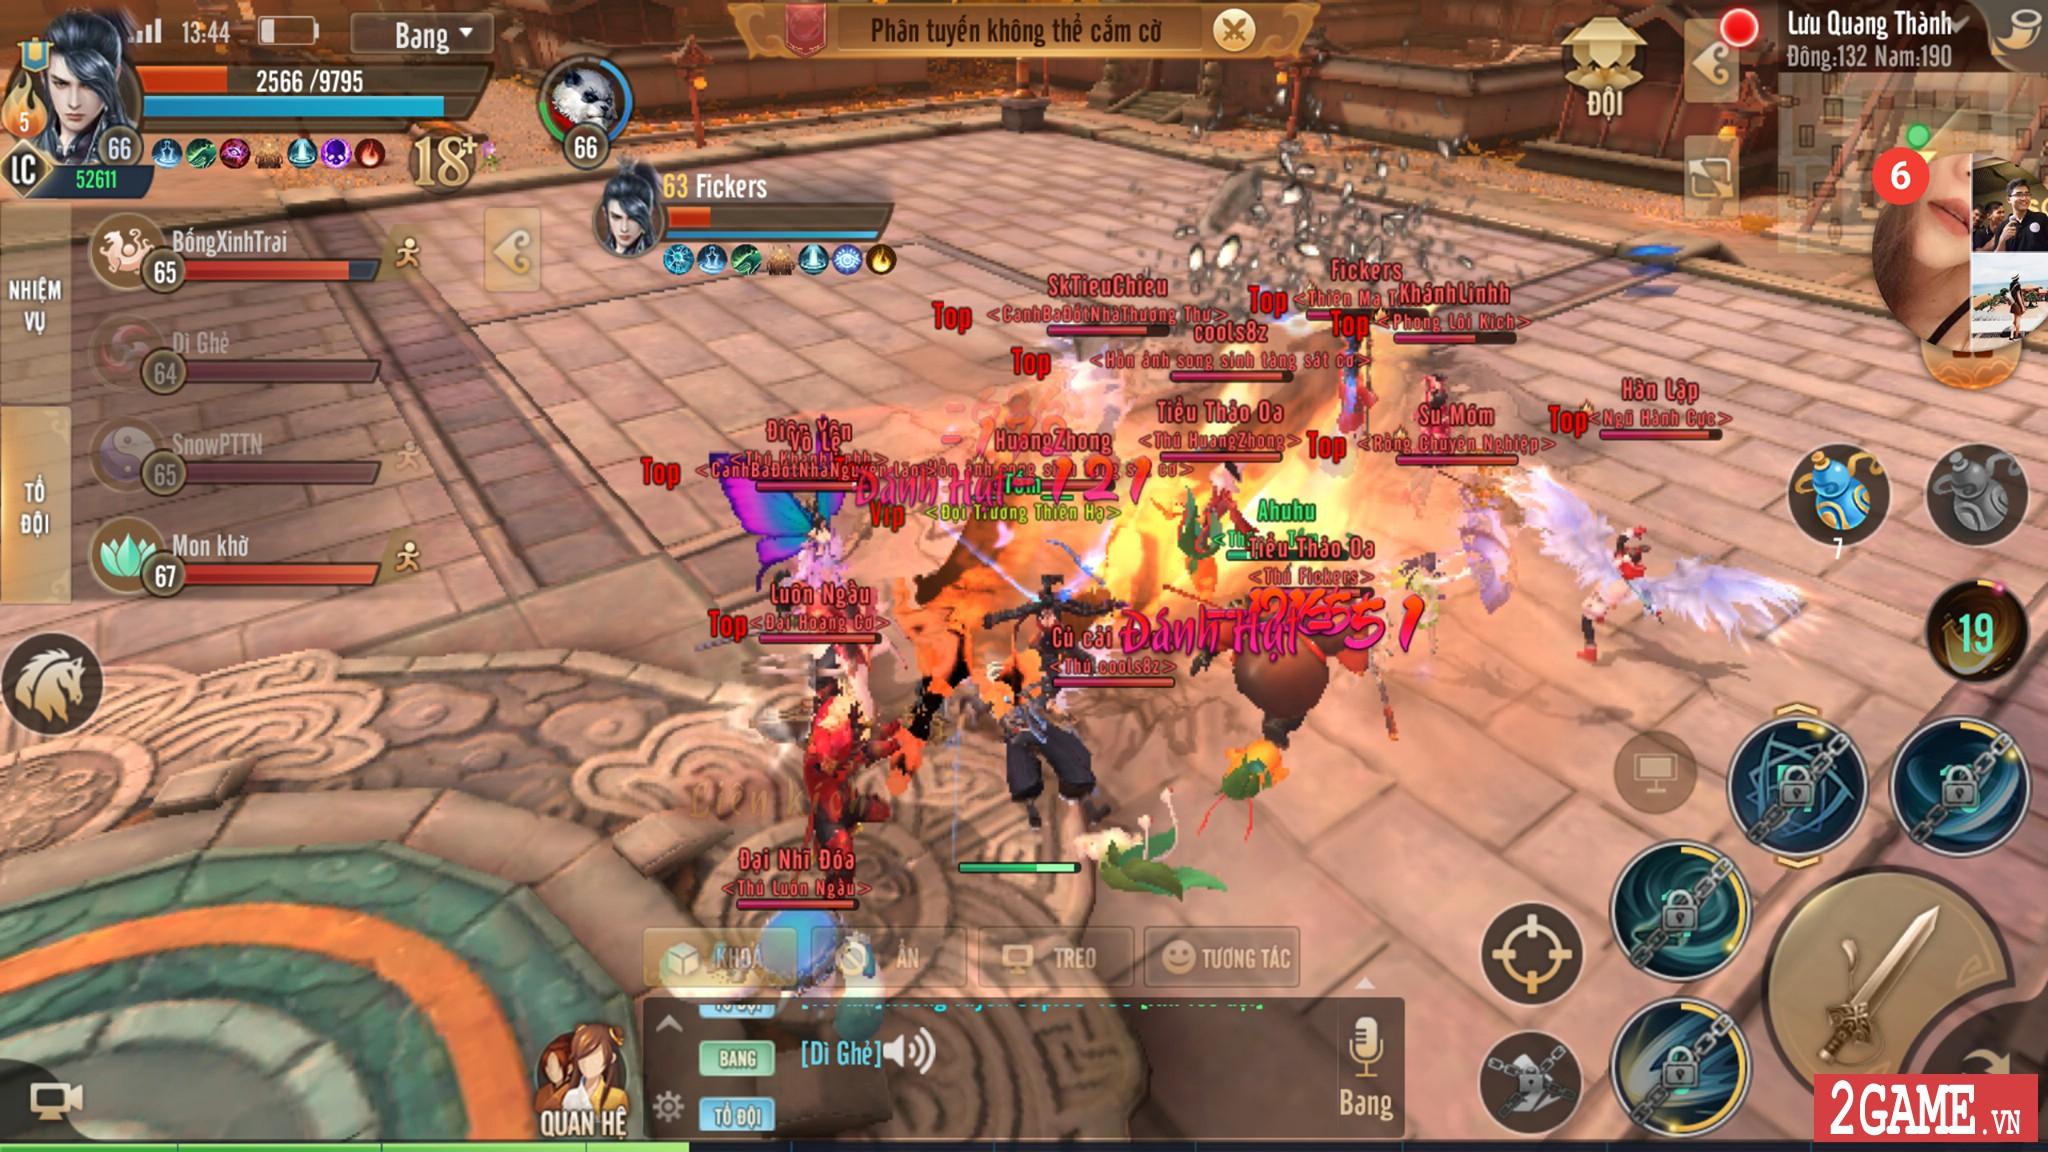 Thiên Hạ 3D cho phép người chơi tự tay chế tạo ra thần binh khủng cho nhân vật 9